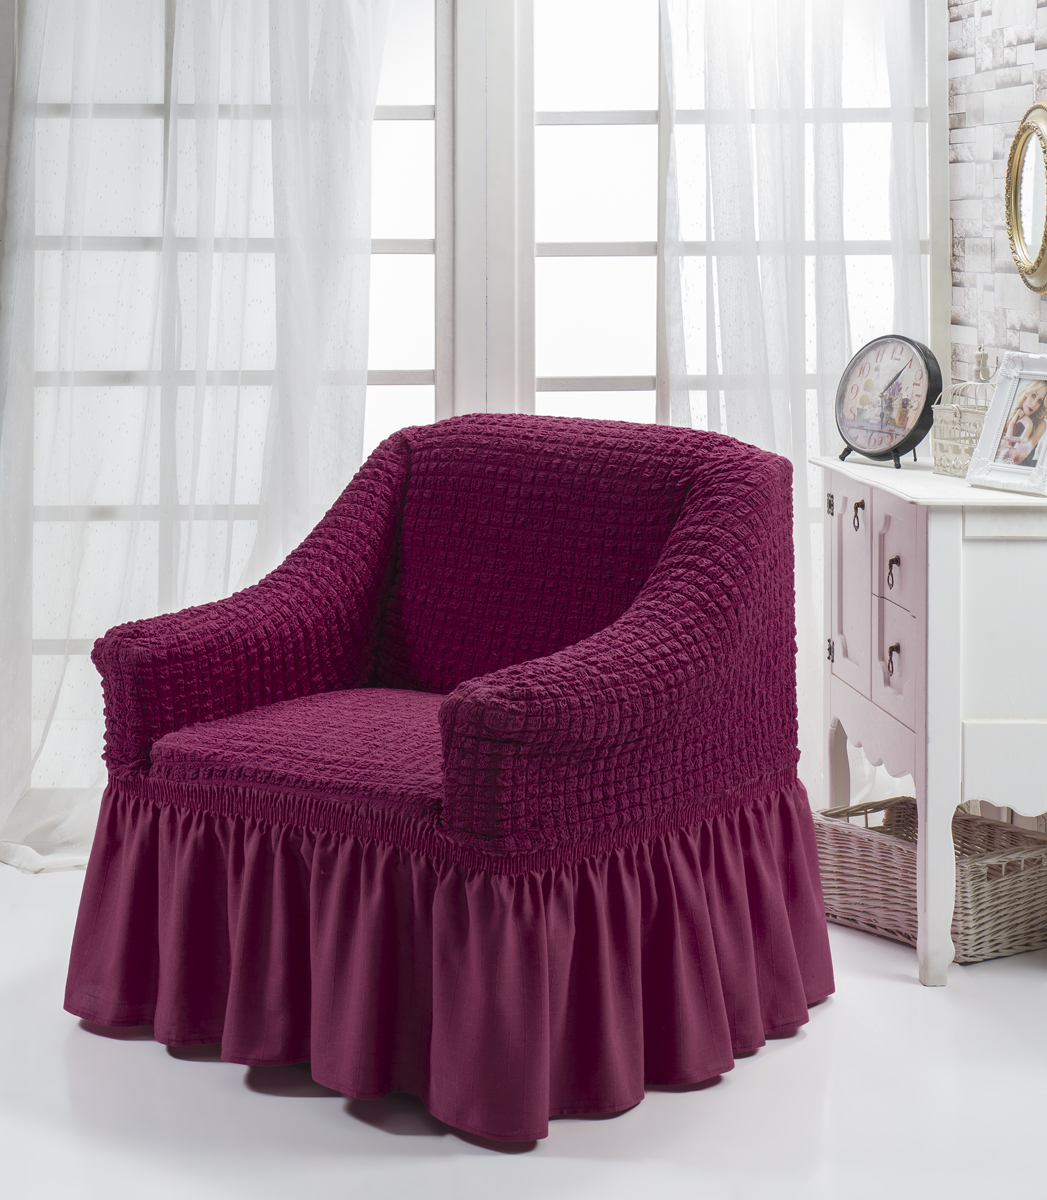 Чехол для кресла 150-83592